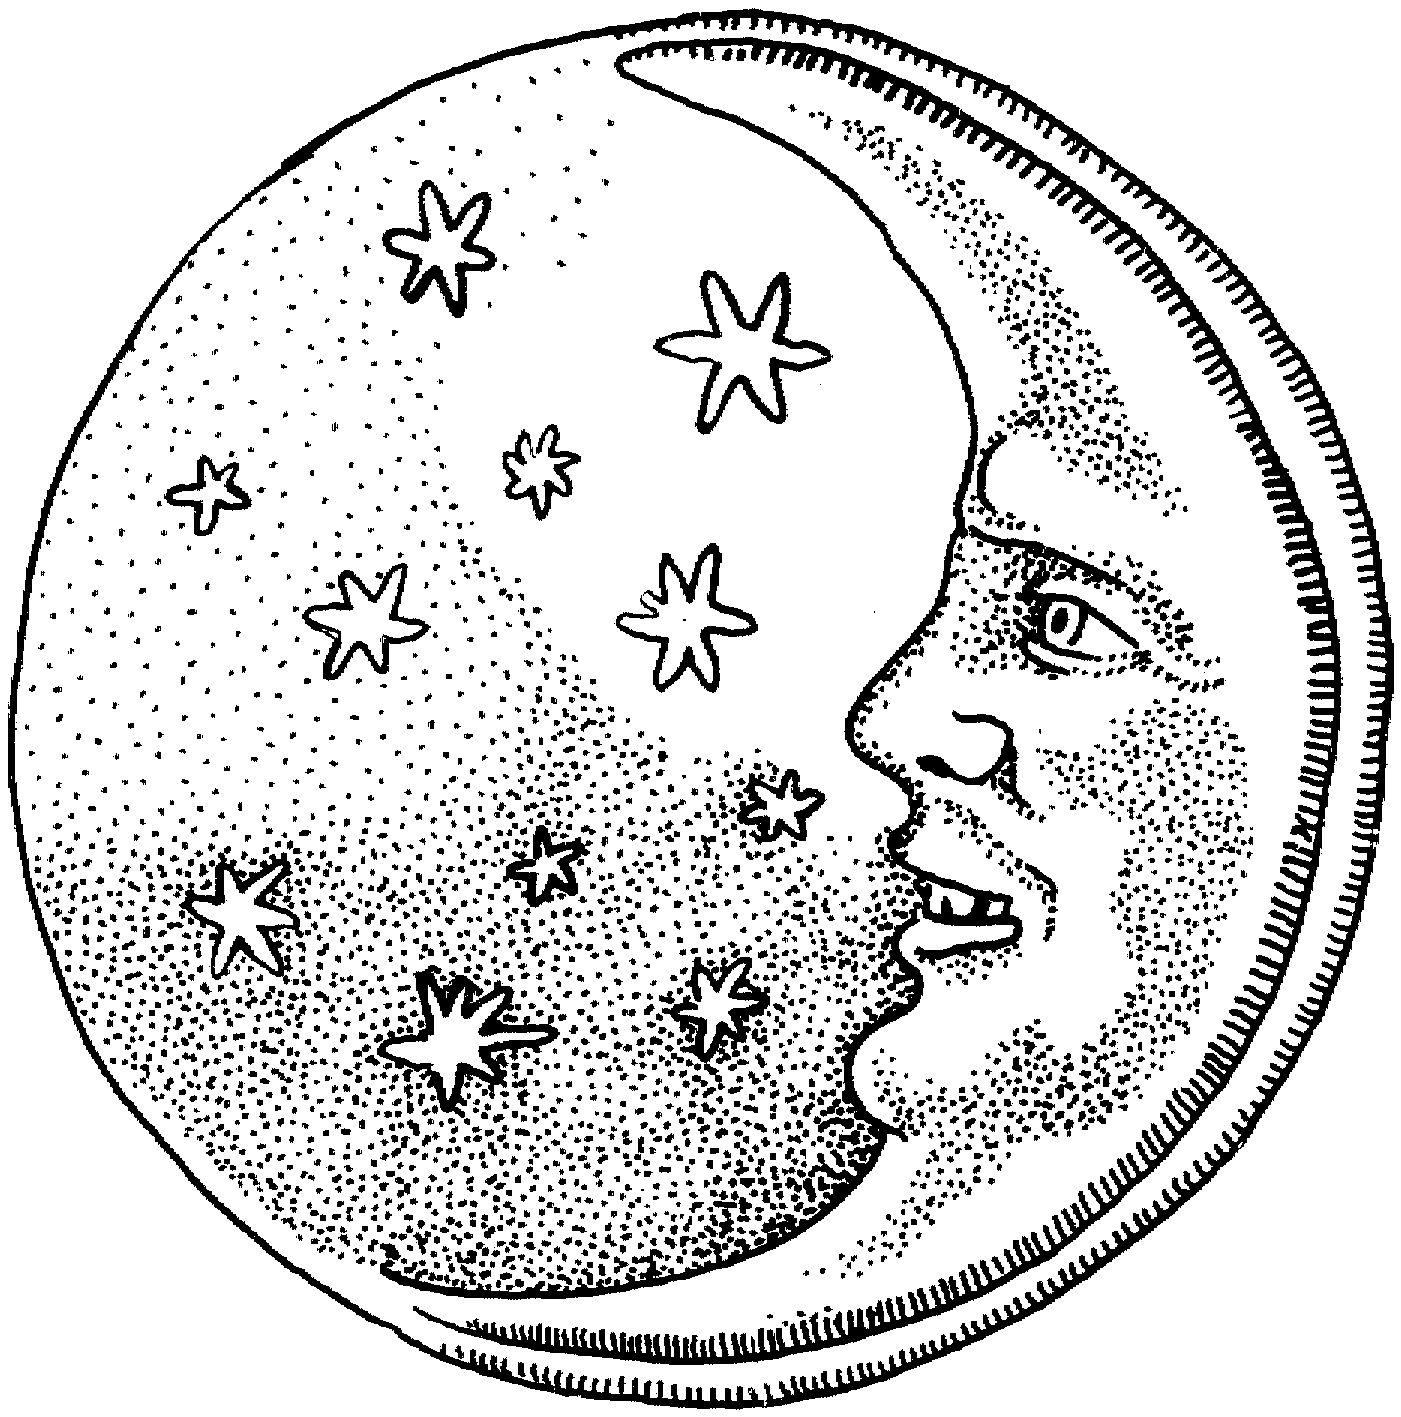 En direct de l 39 intestin gr le la vision - Dessin de lune ...